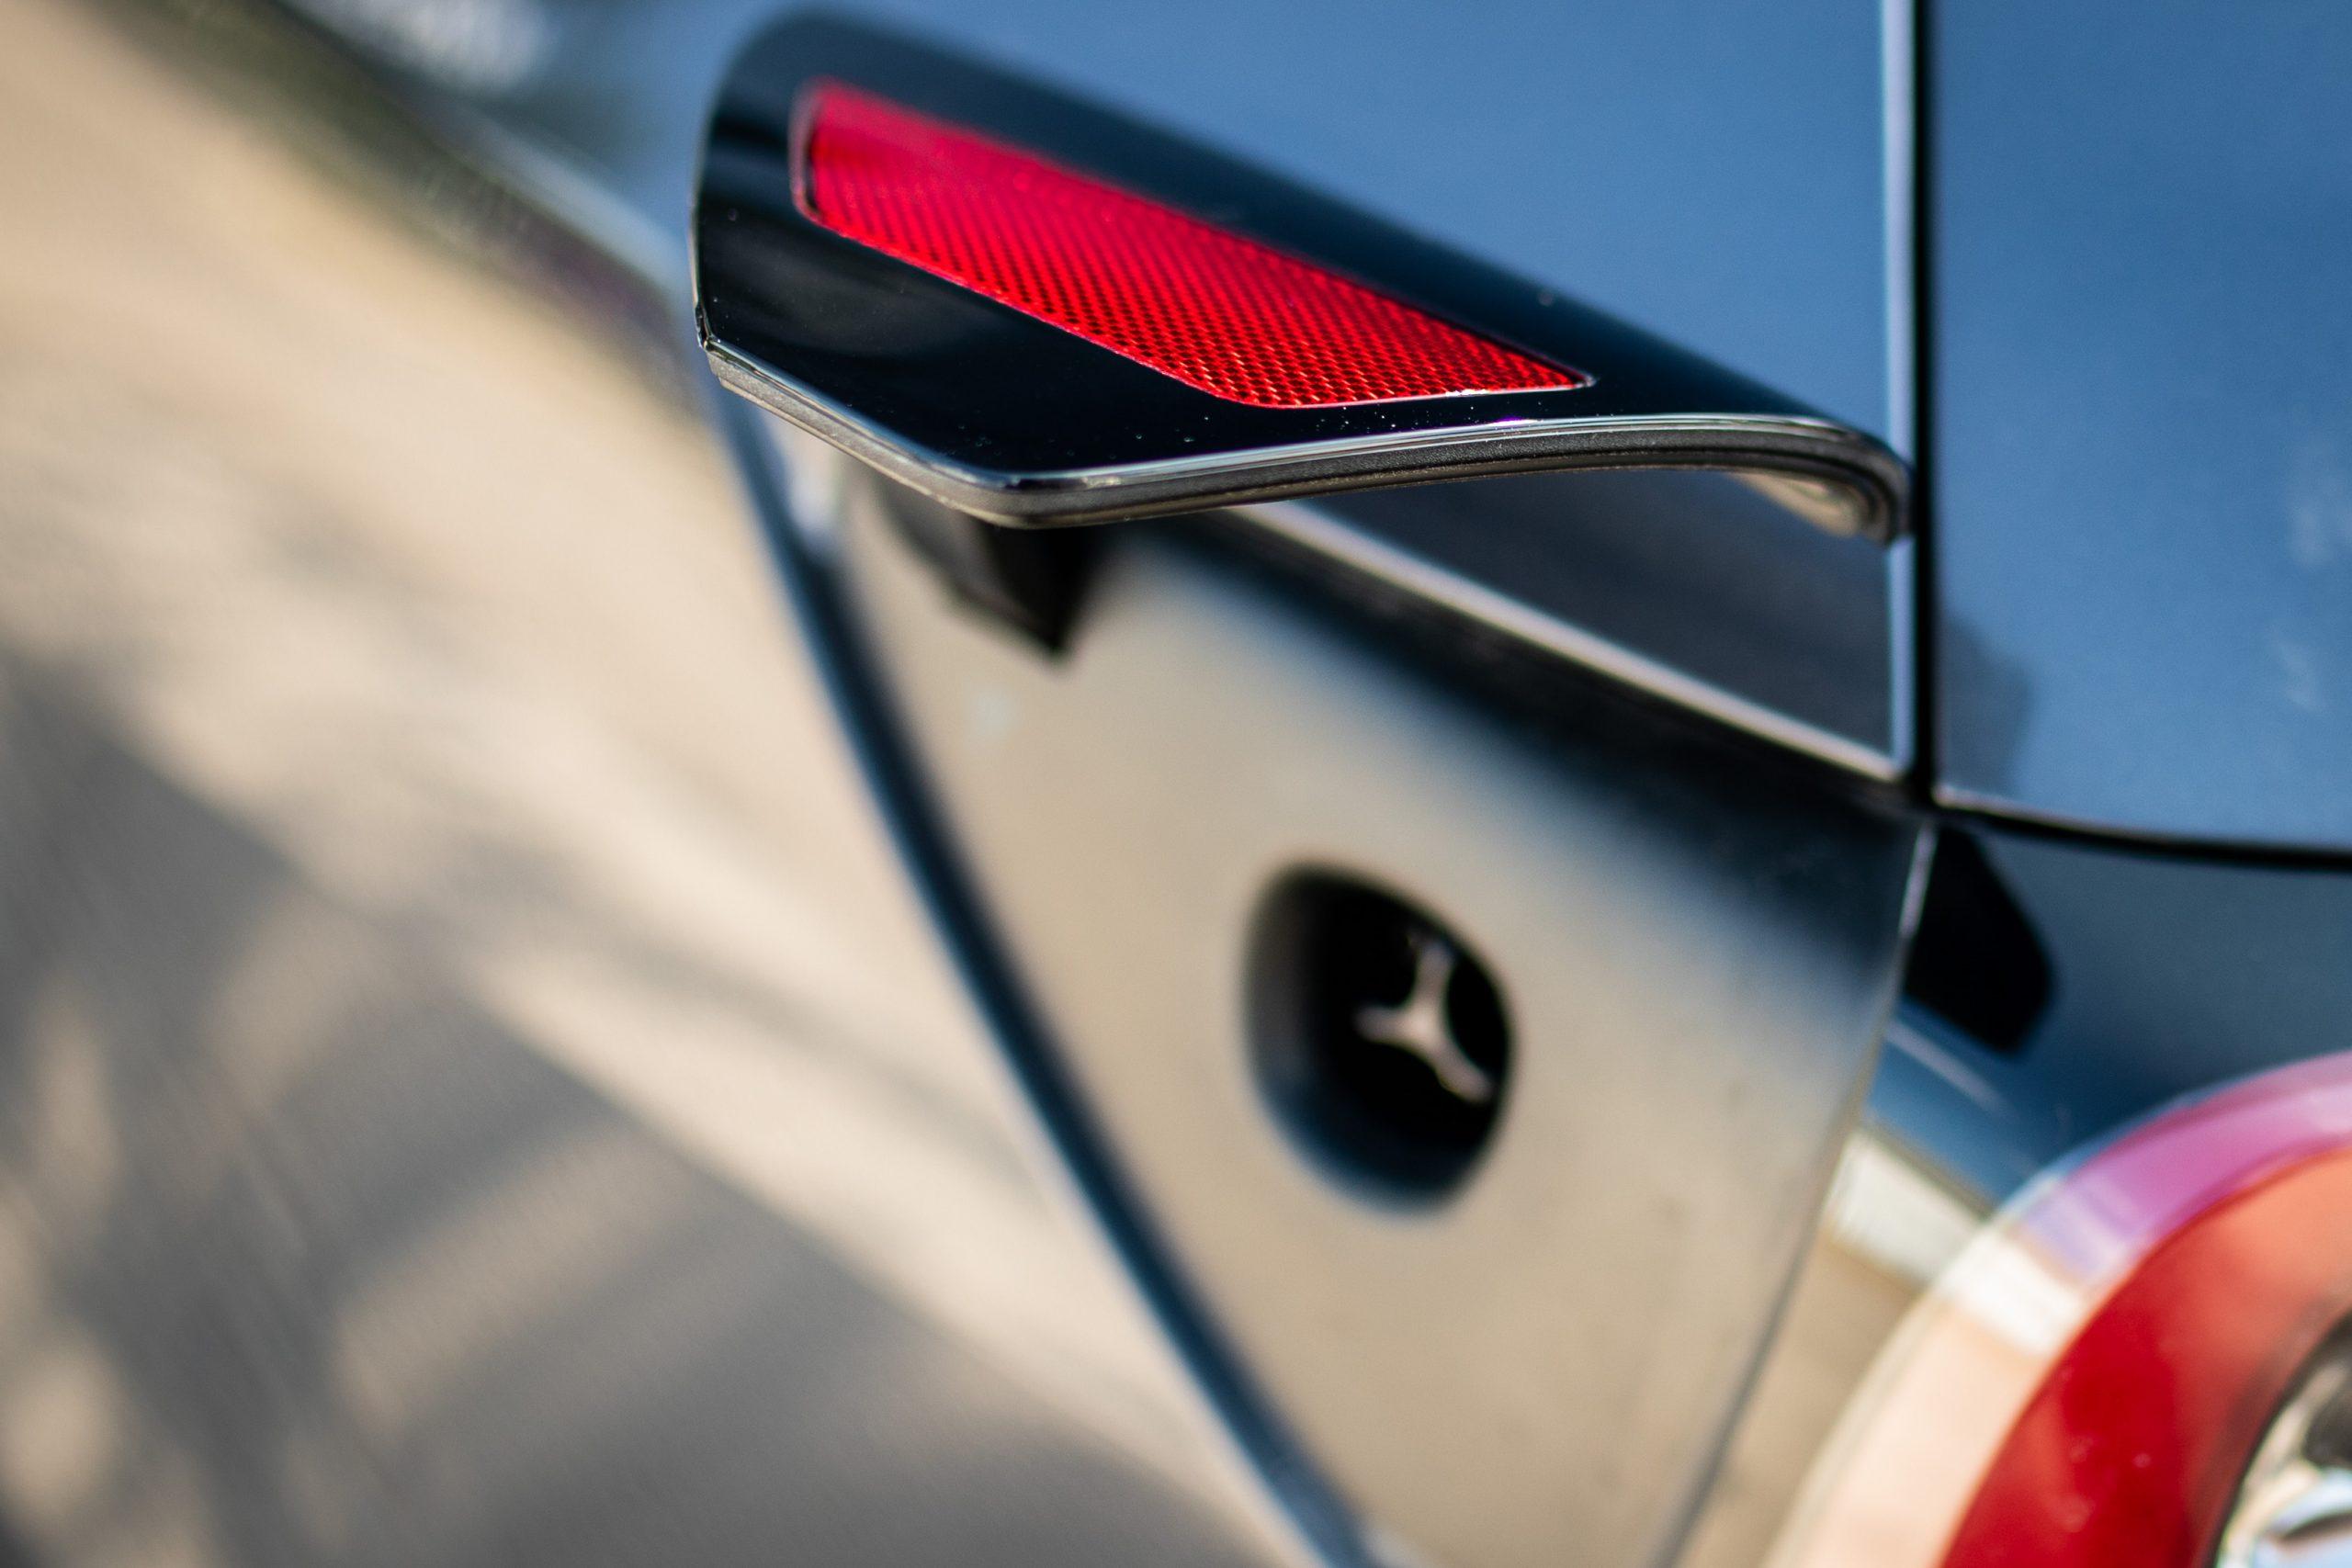 Tesla Model Y charging port door detail